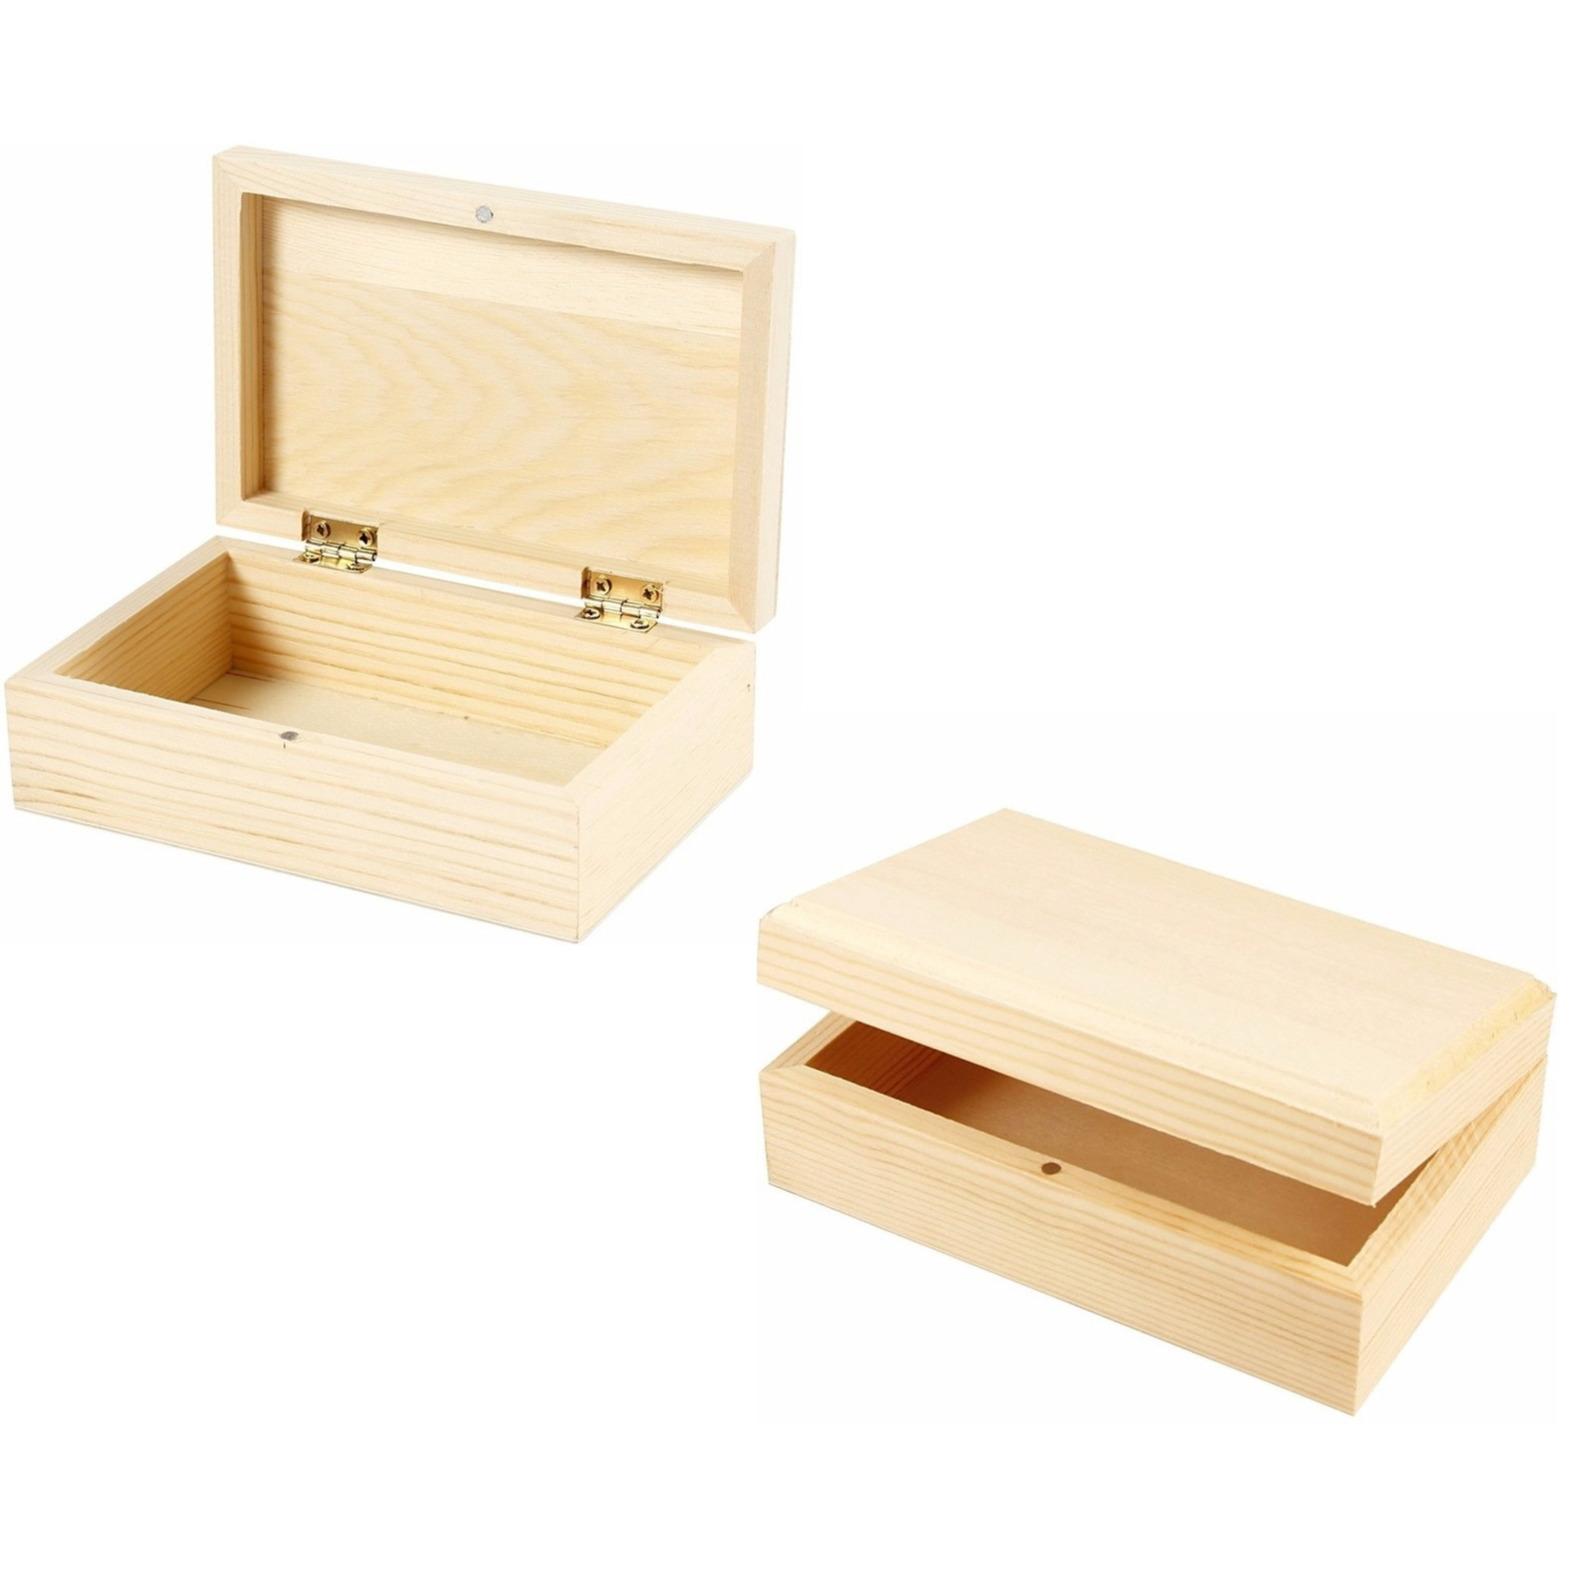 2x stuks houten sieradendoosjes 14 x 9 x 5 cm